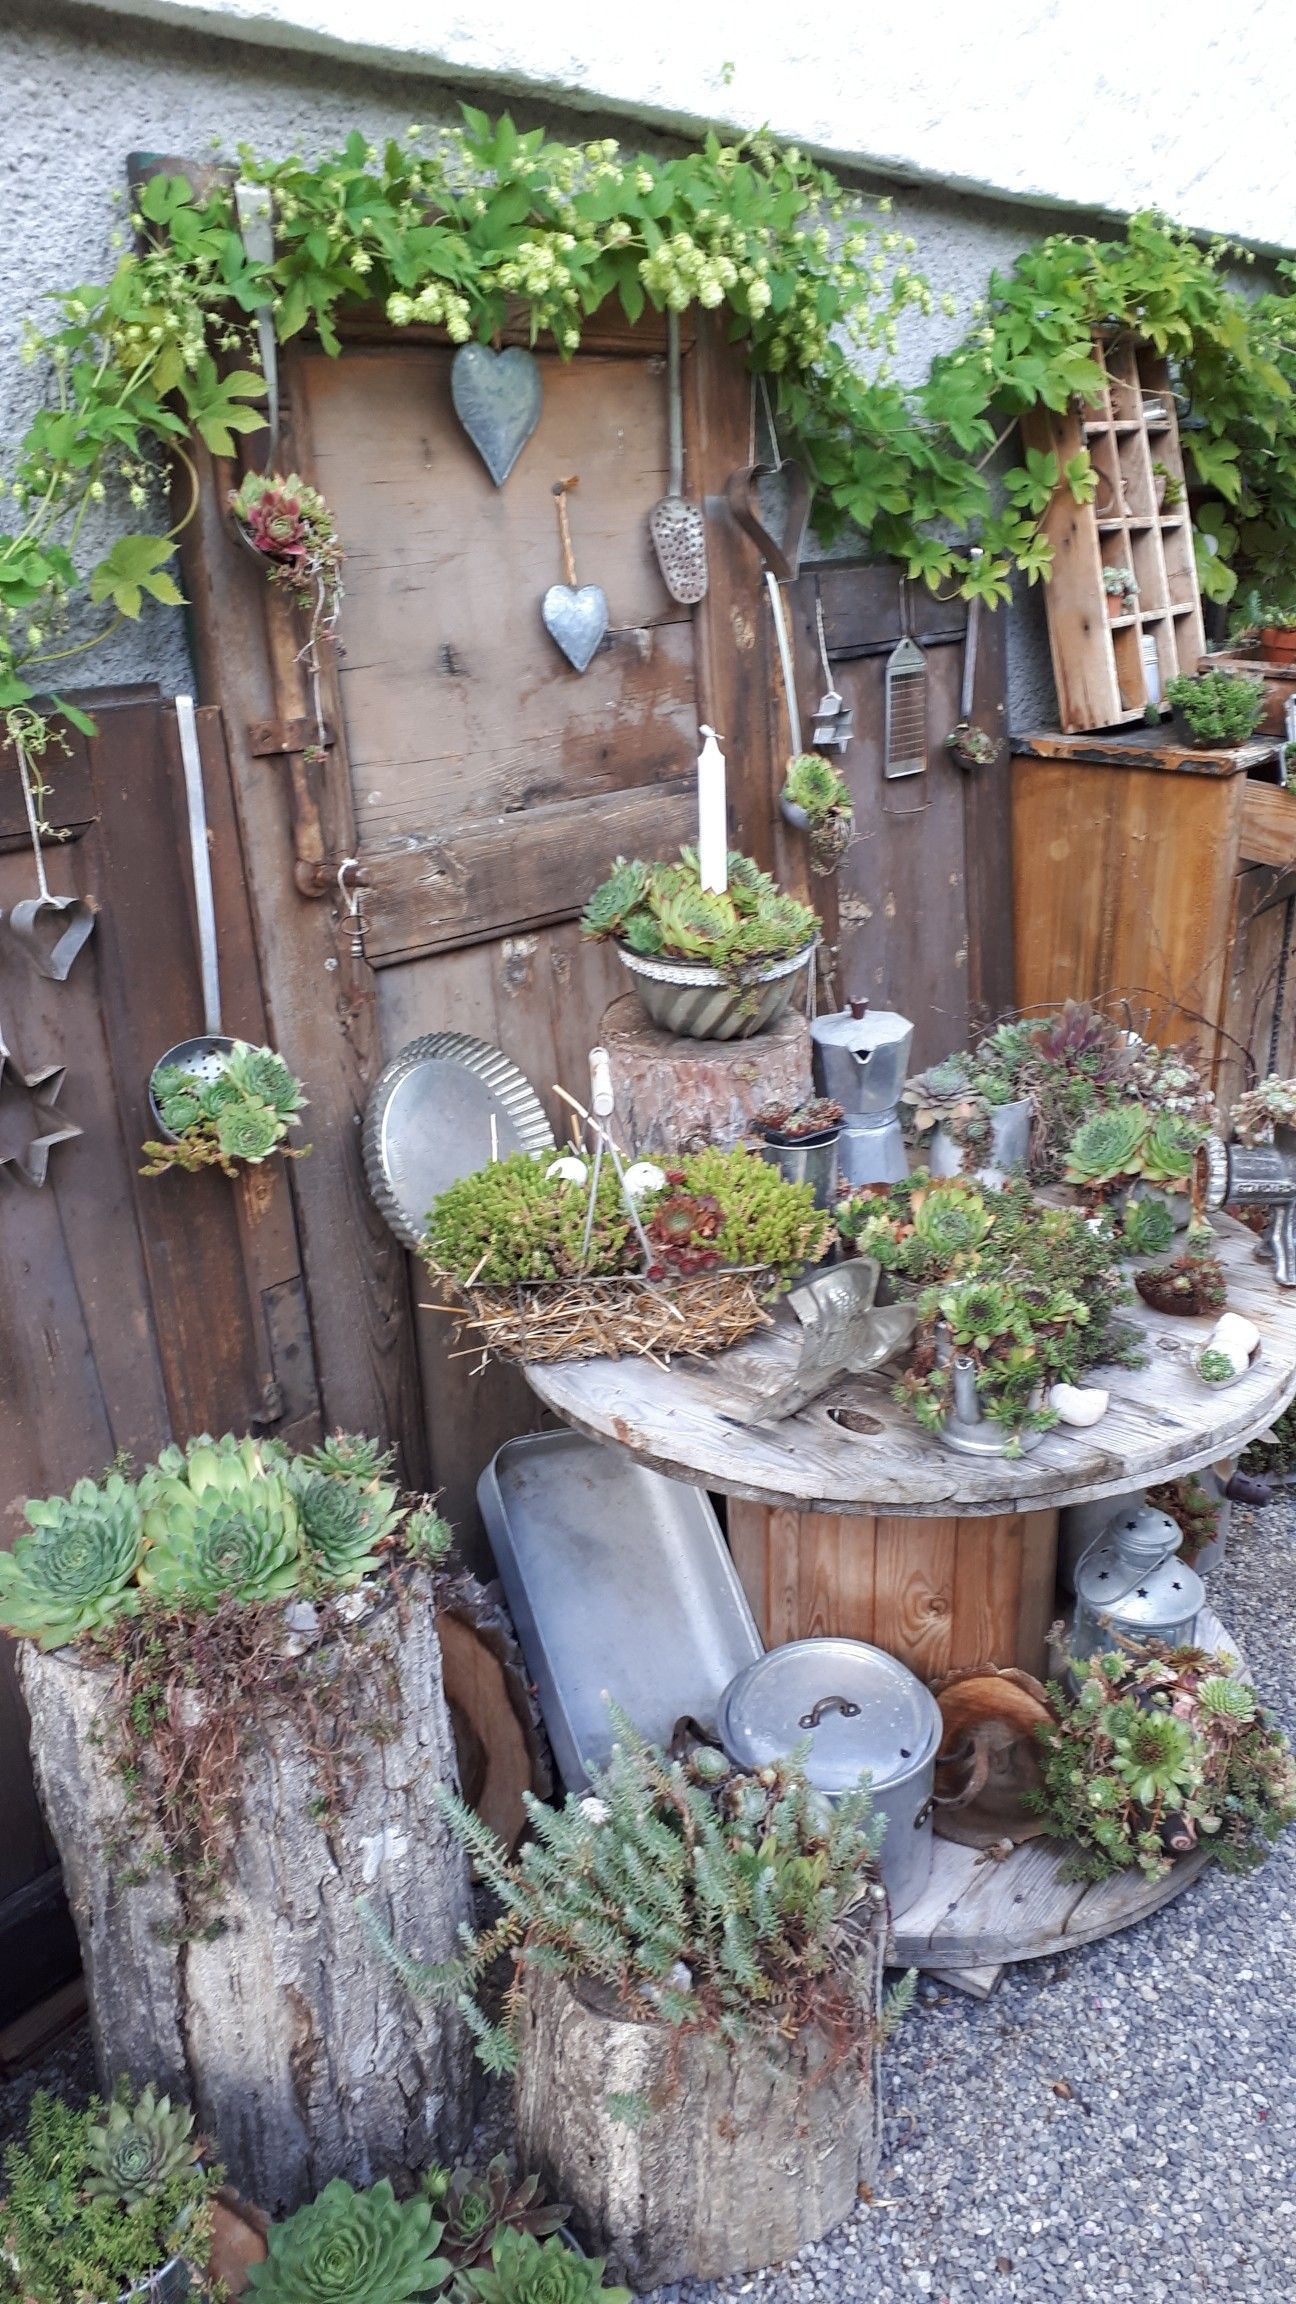 Der Hopfen Ist Ein Zeichen Dass Der Herbst Schon Bald Vor Der Tur Steht Mitte August 2019 In 2020 Blumen Fur Garten Gartendekor Garten Deko